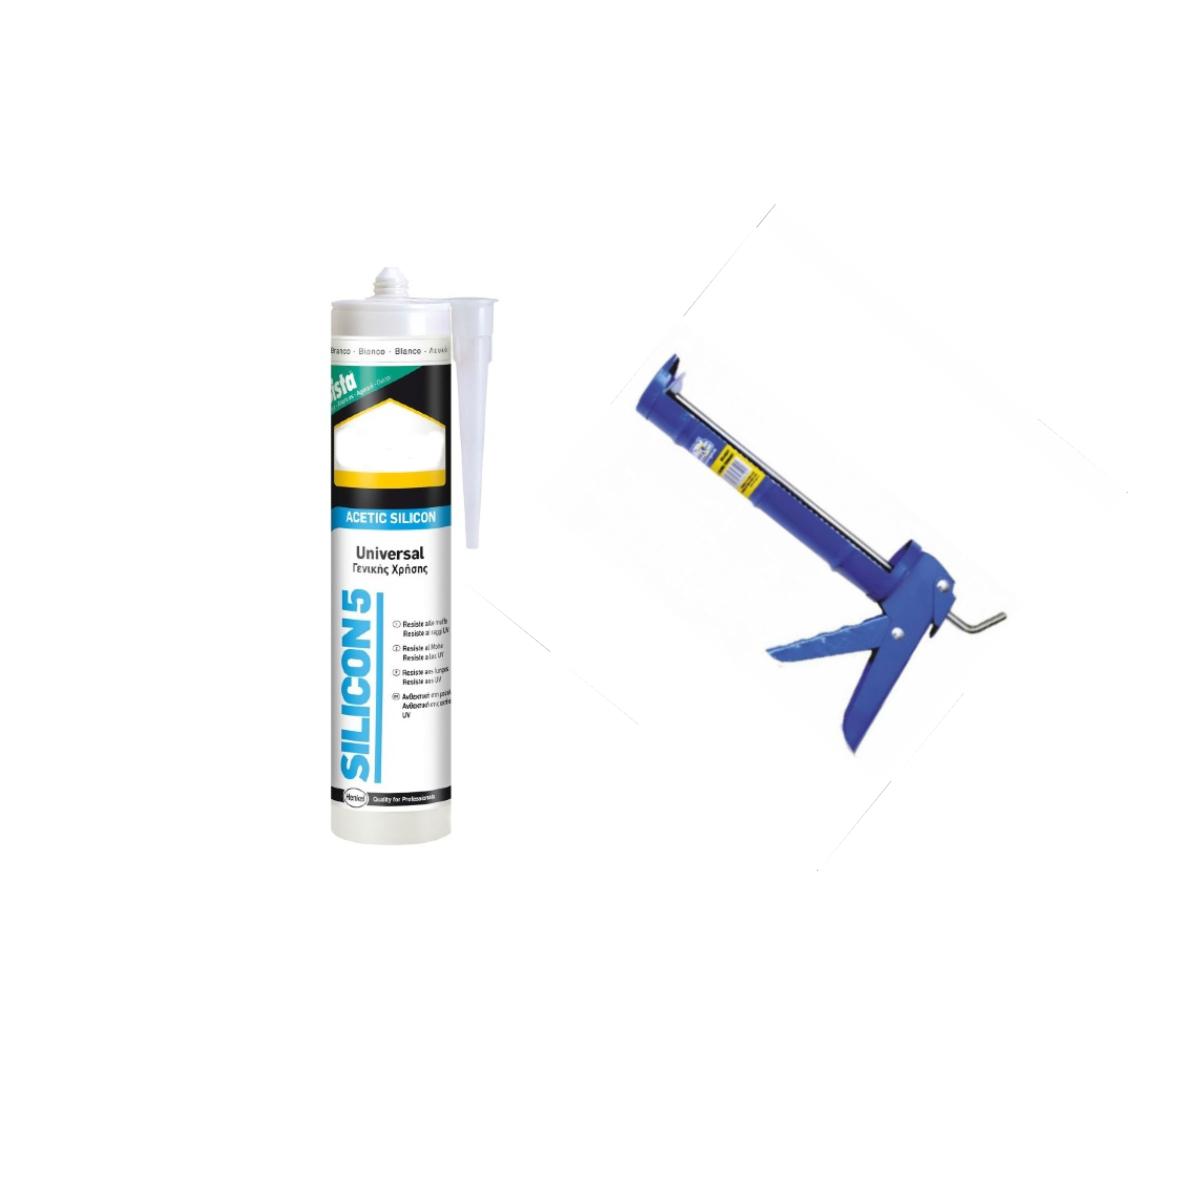 siliconepistola Silicone sigillante con pistola, cartuccia da 280ml universale, colore bianco